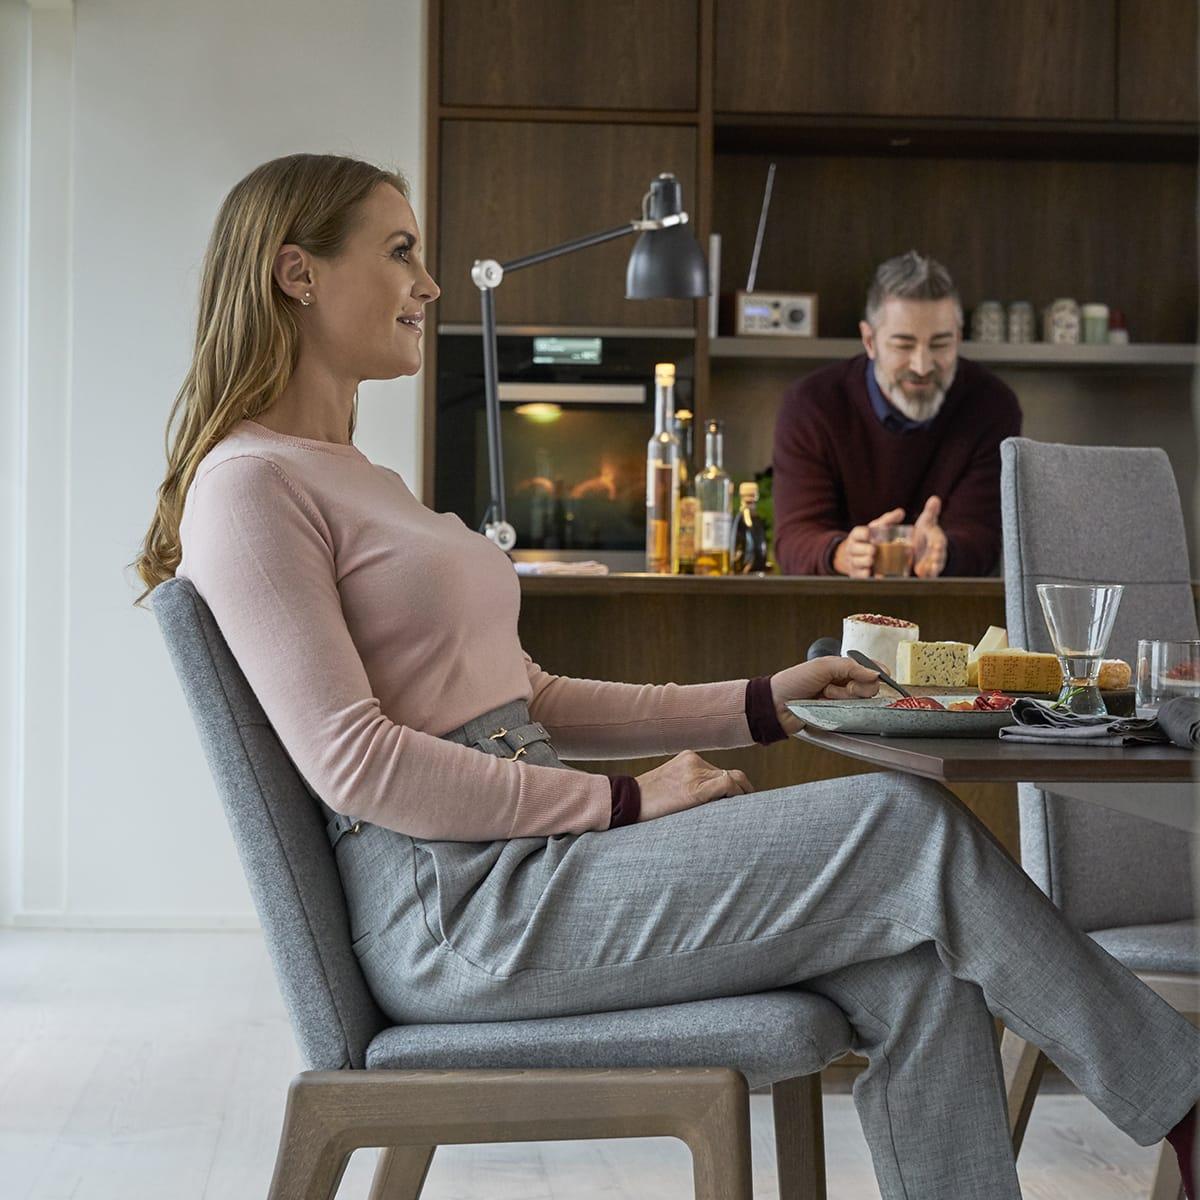 Damit ein offenes Esszimmer gemütlich wird, sind die richtigen Esszimmerstühle wichtig – wie etwa das Stuhlmodell Stressless Dining Laurel.